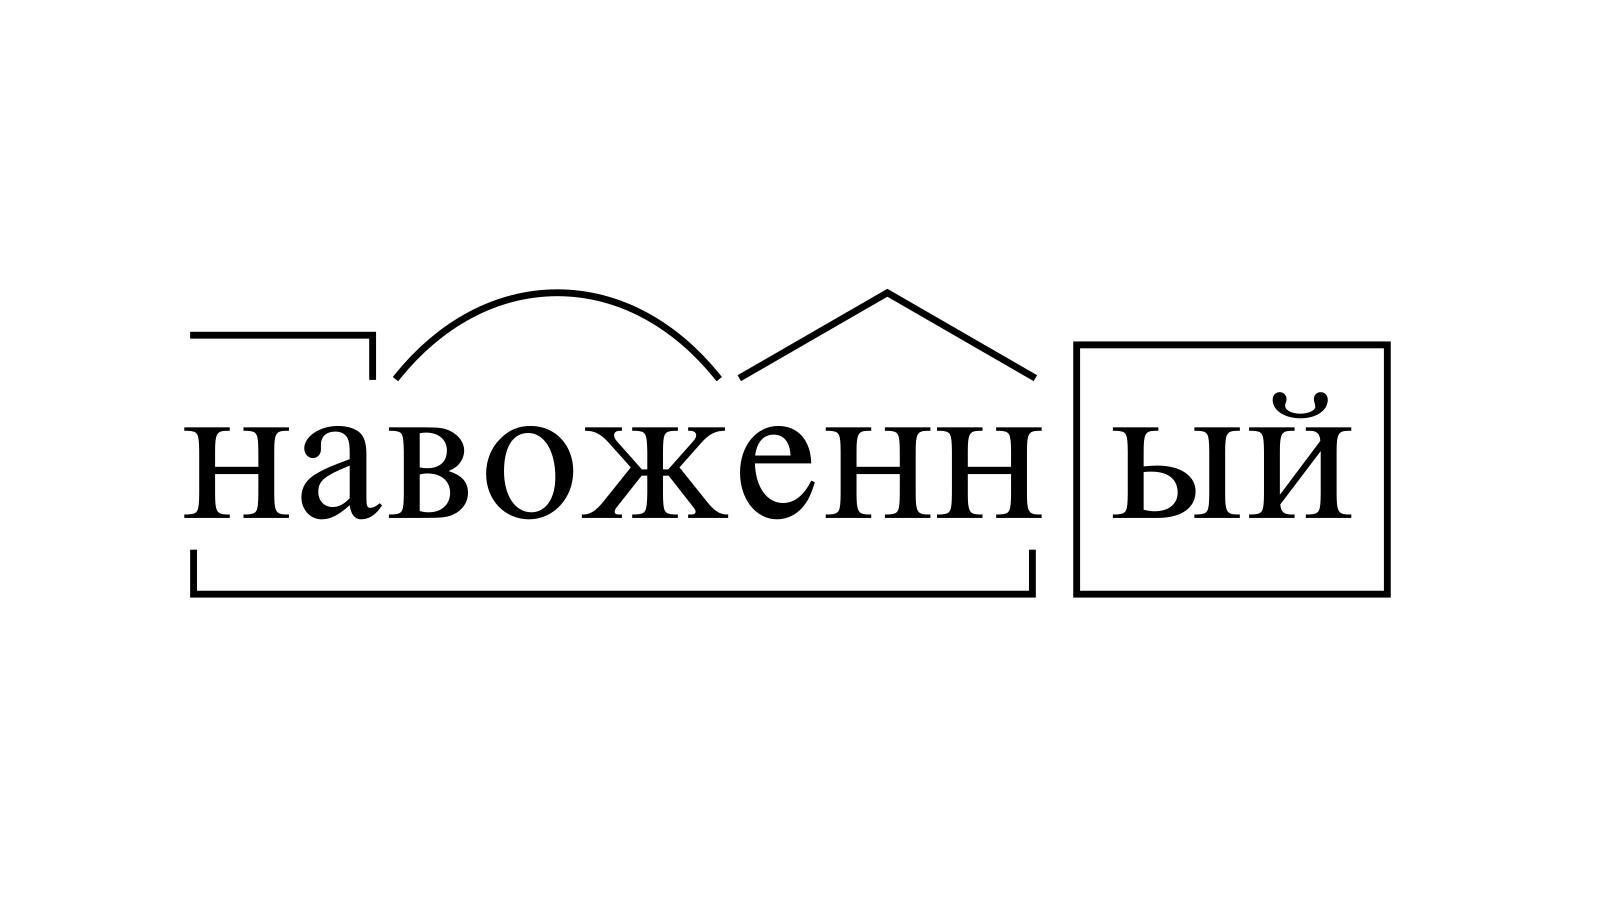 Разбор слова «навоженный» по составу